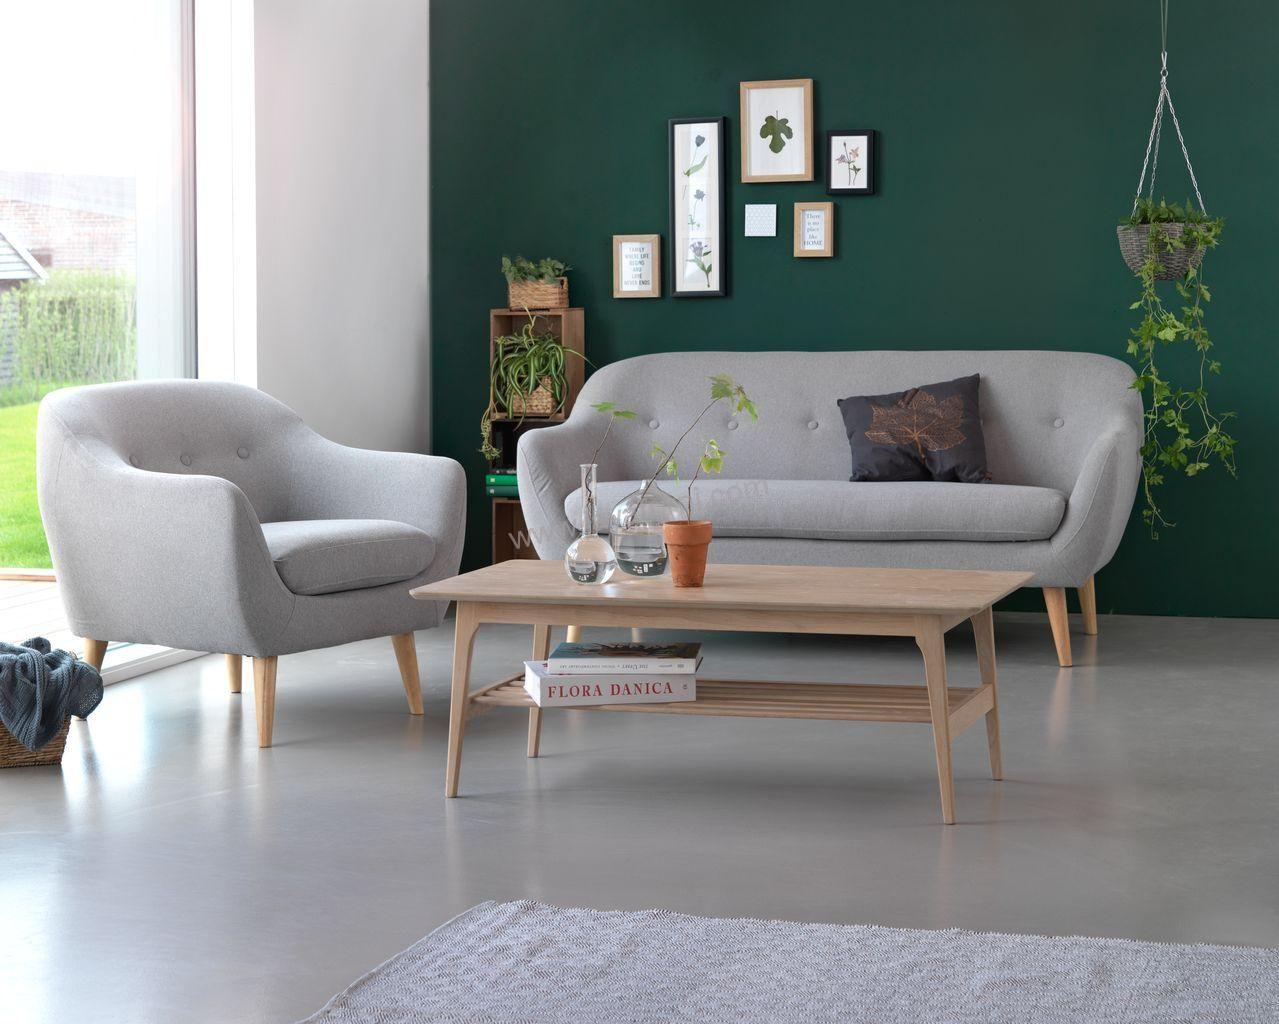 kursi sofa retro kayu sungkai beli set kurai tamu vintage set sofa tamu retro